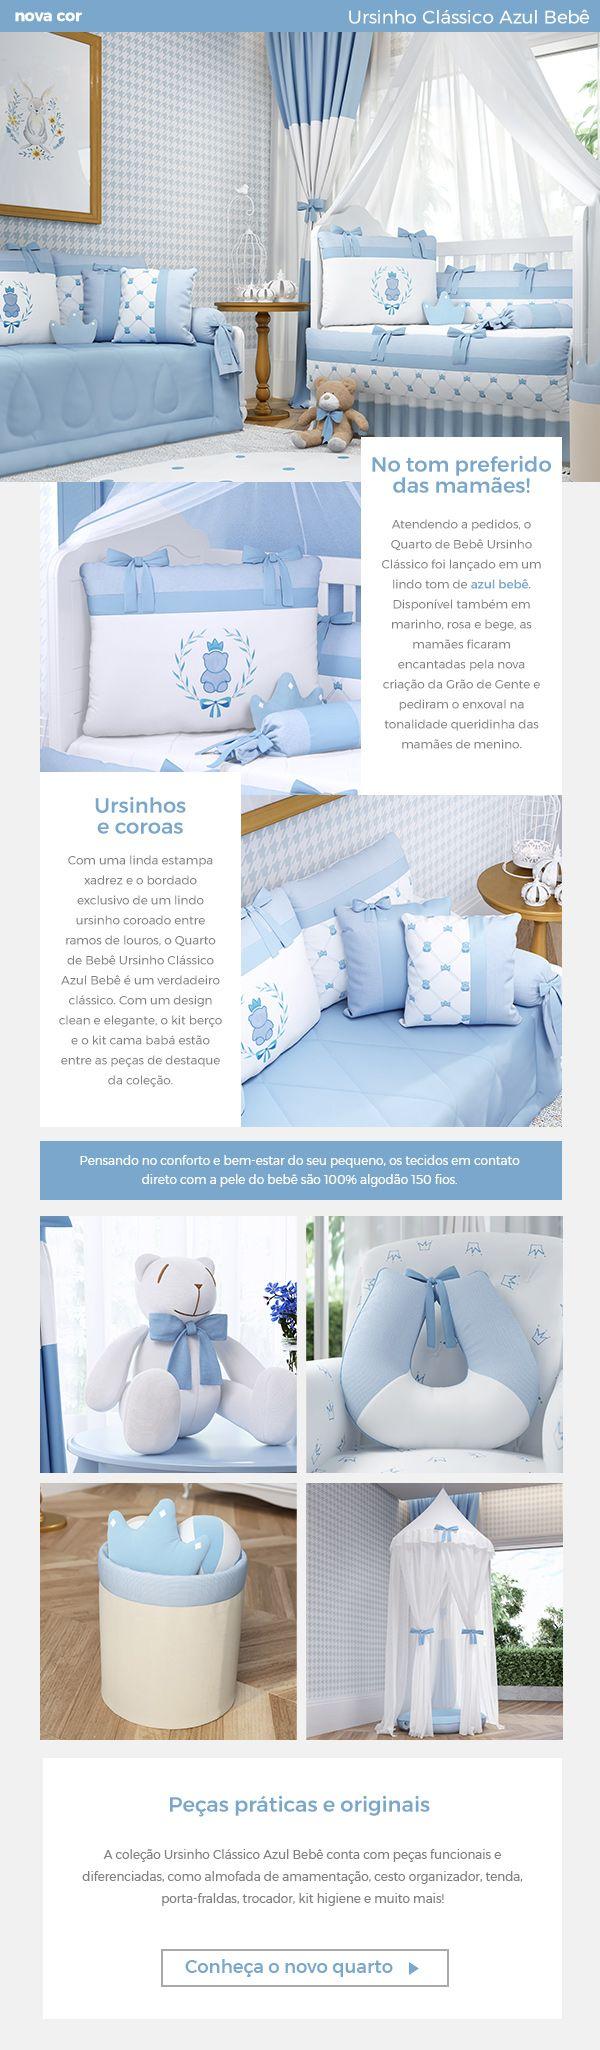 A coleção Ursinho Clássico Azul Bebê chegou para conquistar as mamães e papais que não abrem mão do estilo clássico na decoração do quarto de bebê! O cantinho dos sonhos para seu menino traz uma decoração de quarto de bebê azul claro de um jeito inovador super elegante!